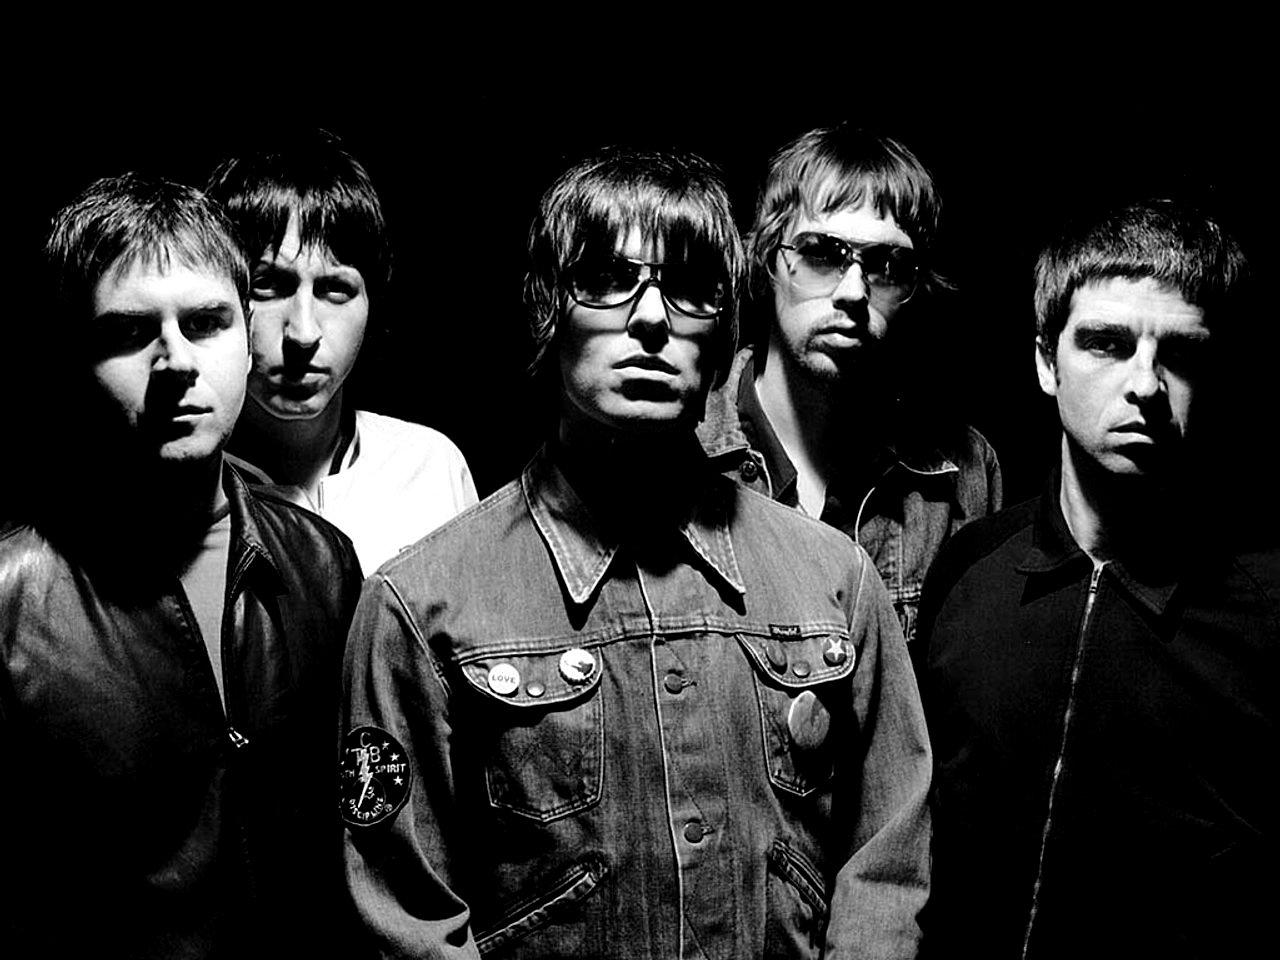 Liam Gallagher: vienintelis Oasis atsikūrimo stabdis – Noelis